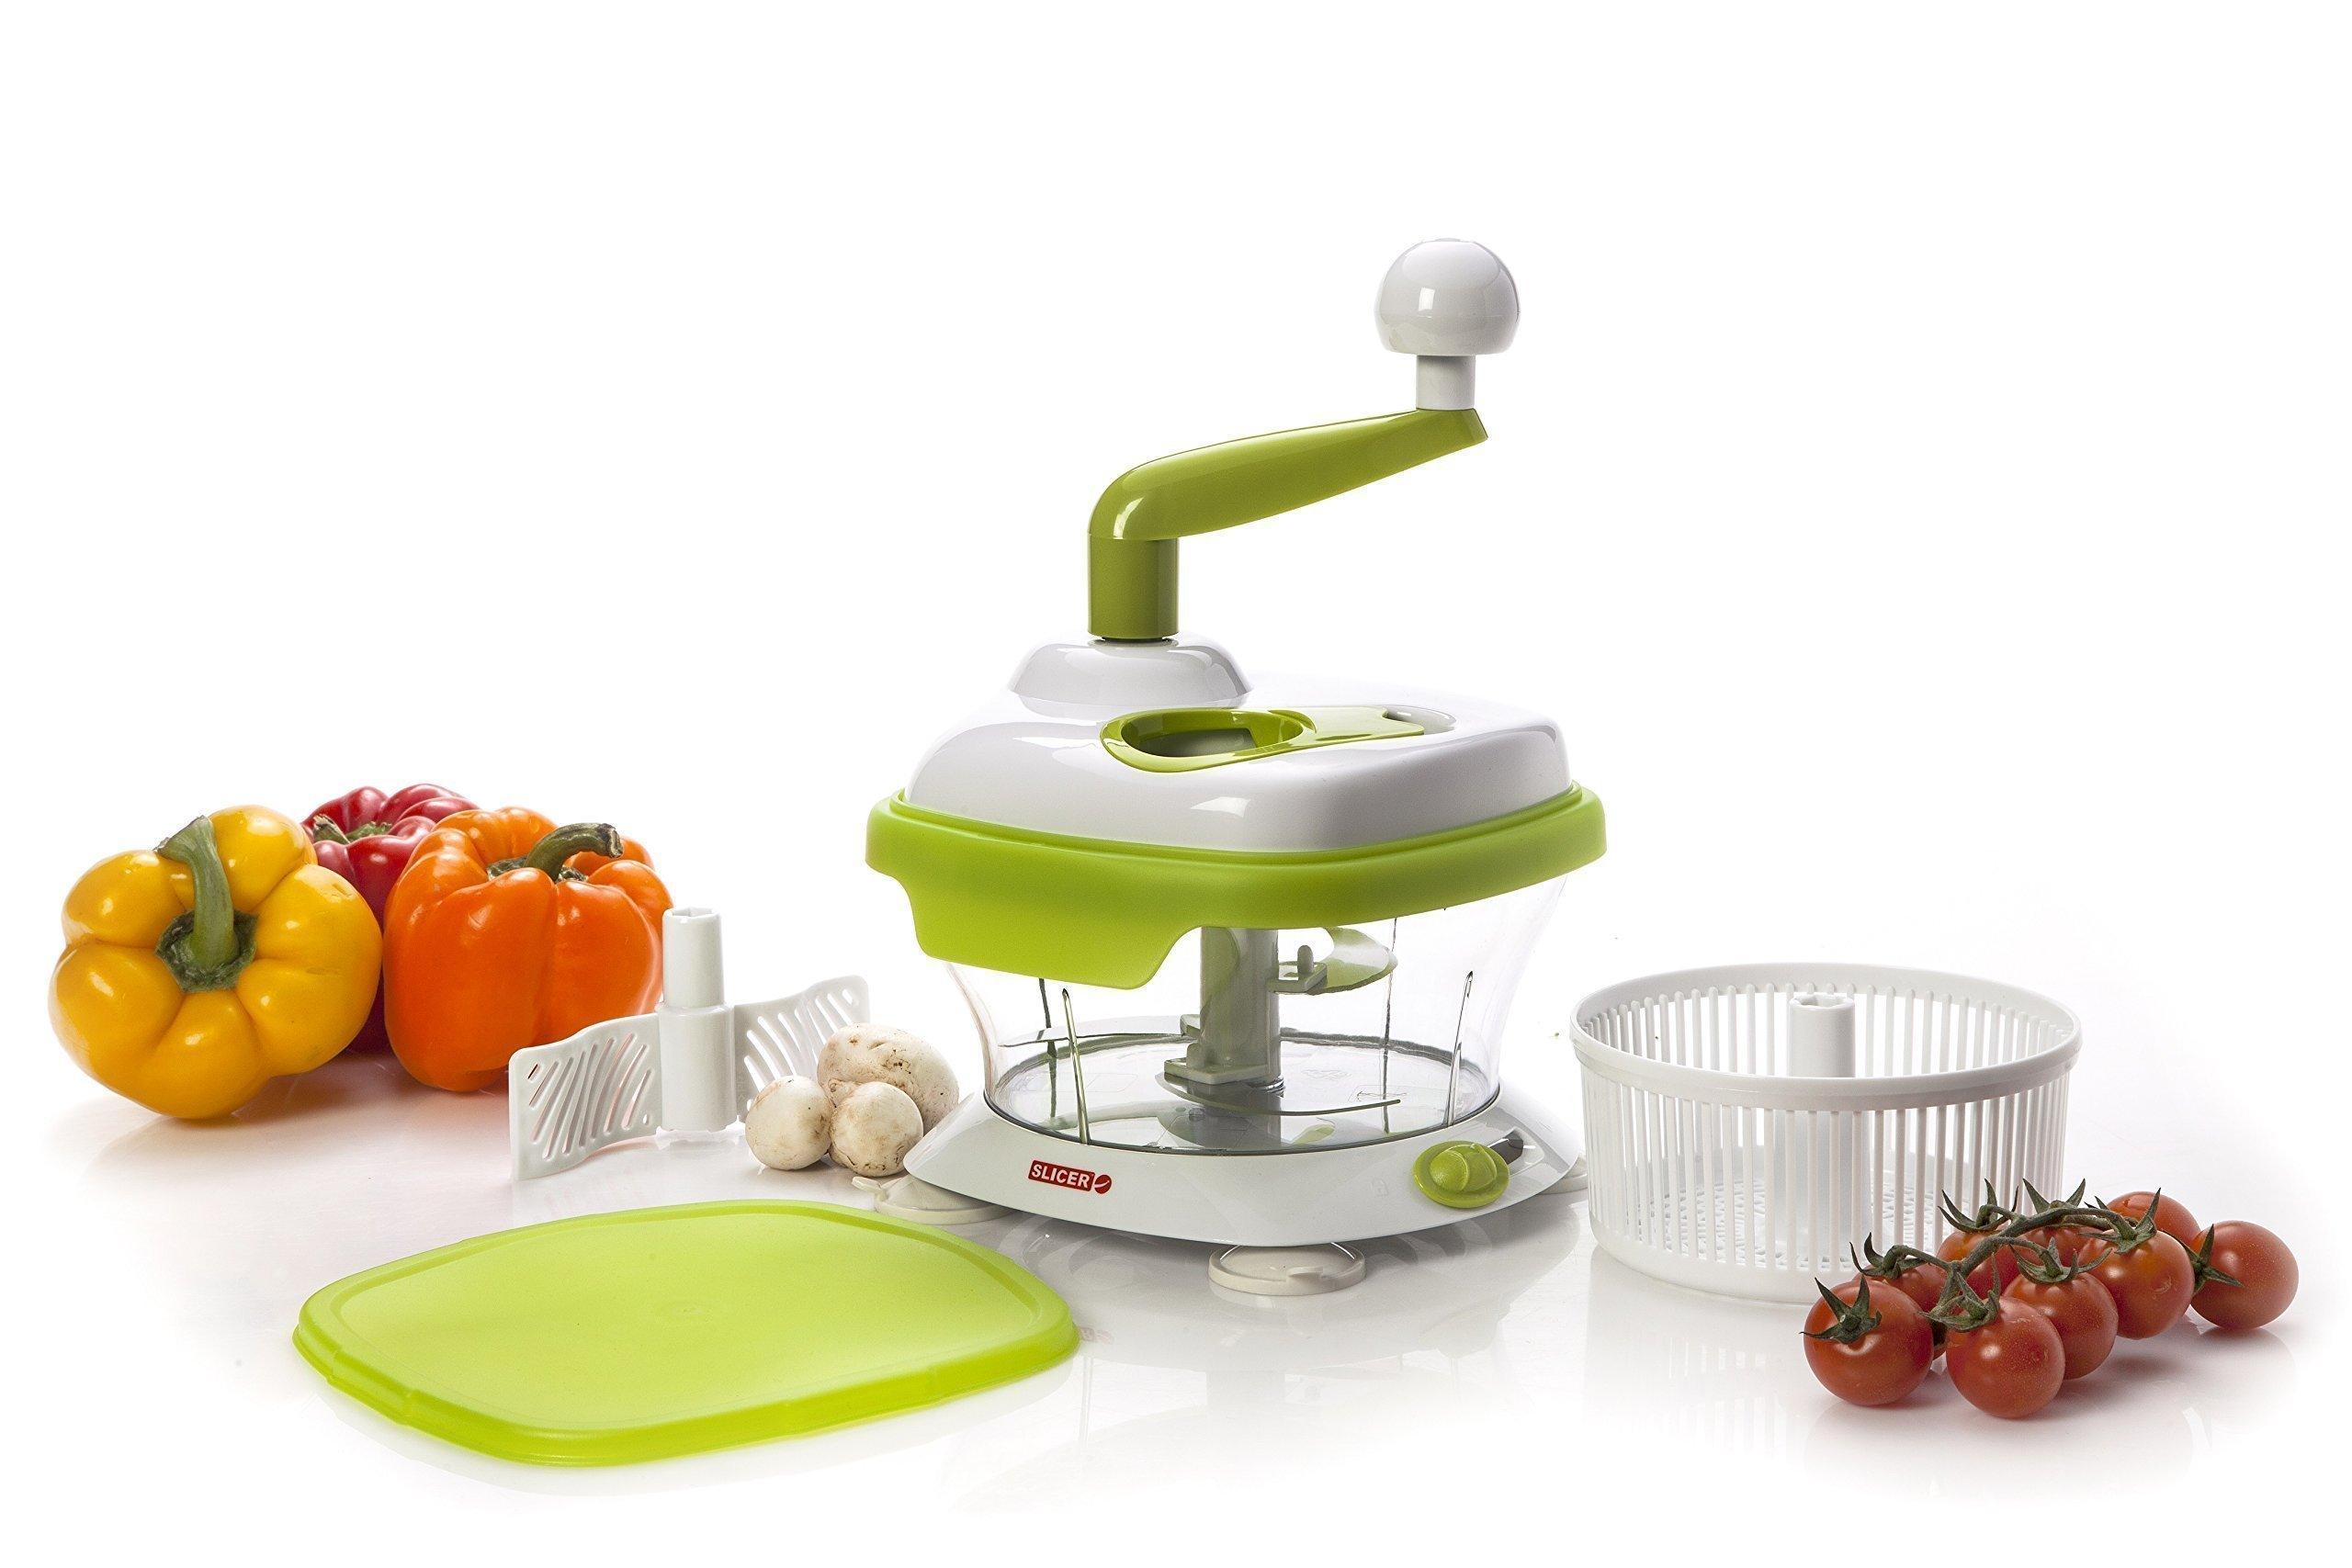 Original MASTER SLICER, BPA Free - Manuel Food Processor, Mandoline Slicer, Spinner Chopper Dicer for Fruits, Herbs, Lettuce, Salsas, Salad & Foods - w/ Turbo Peeler by SLICER